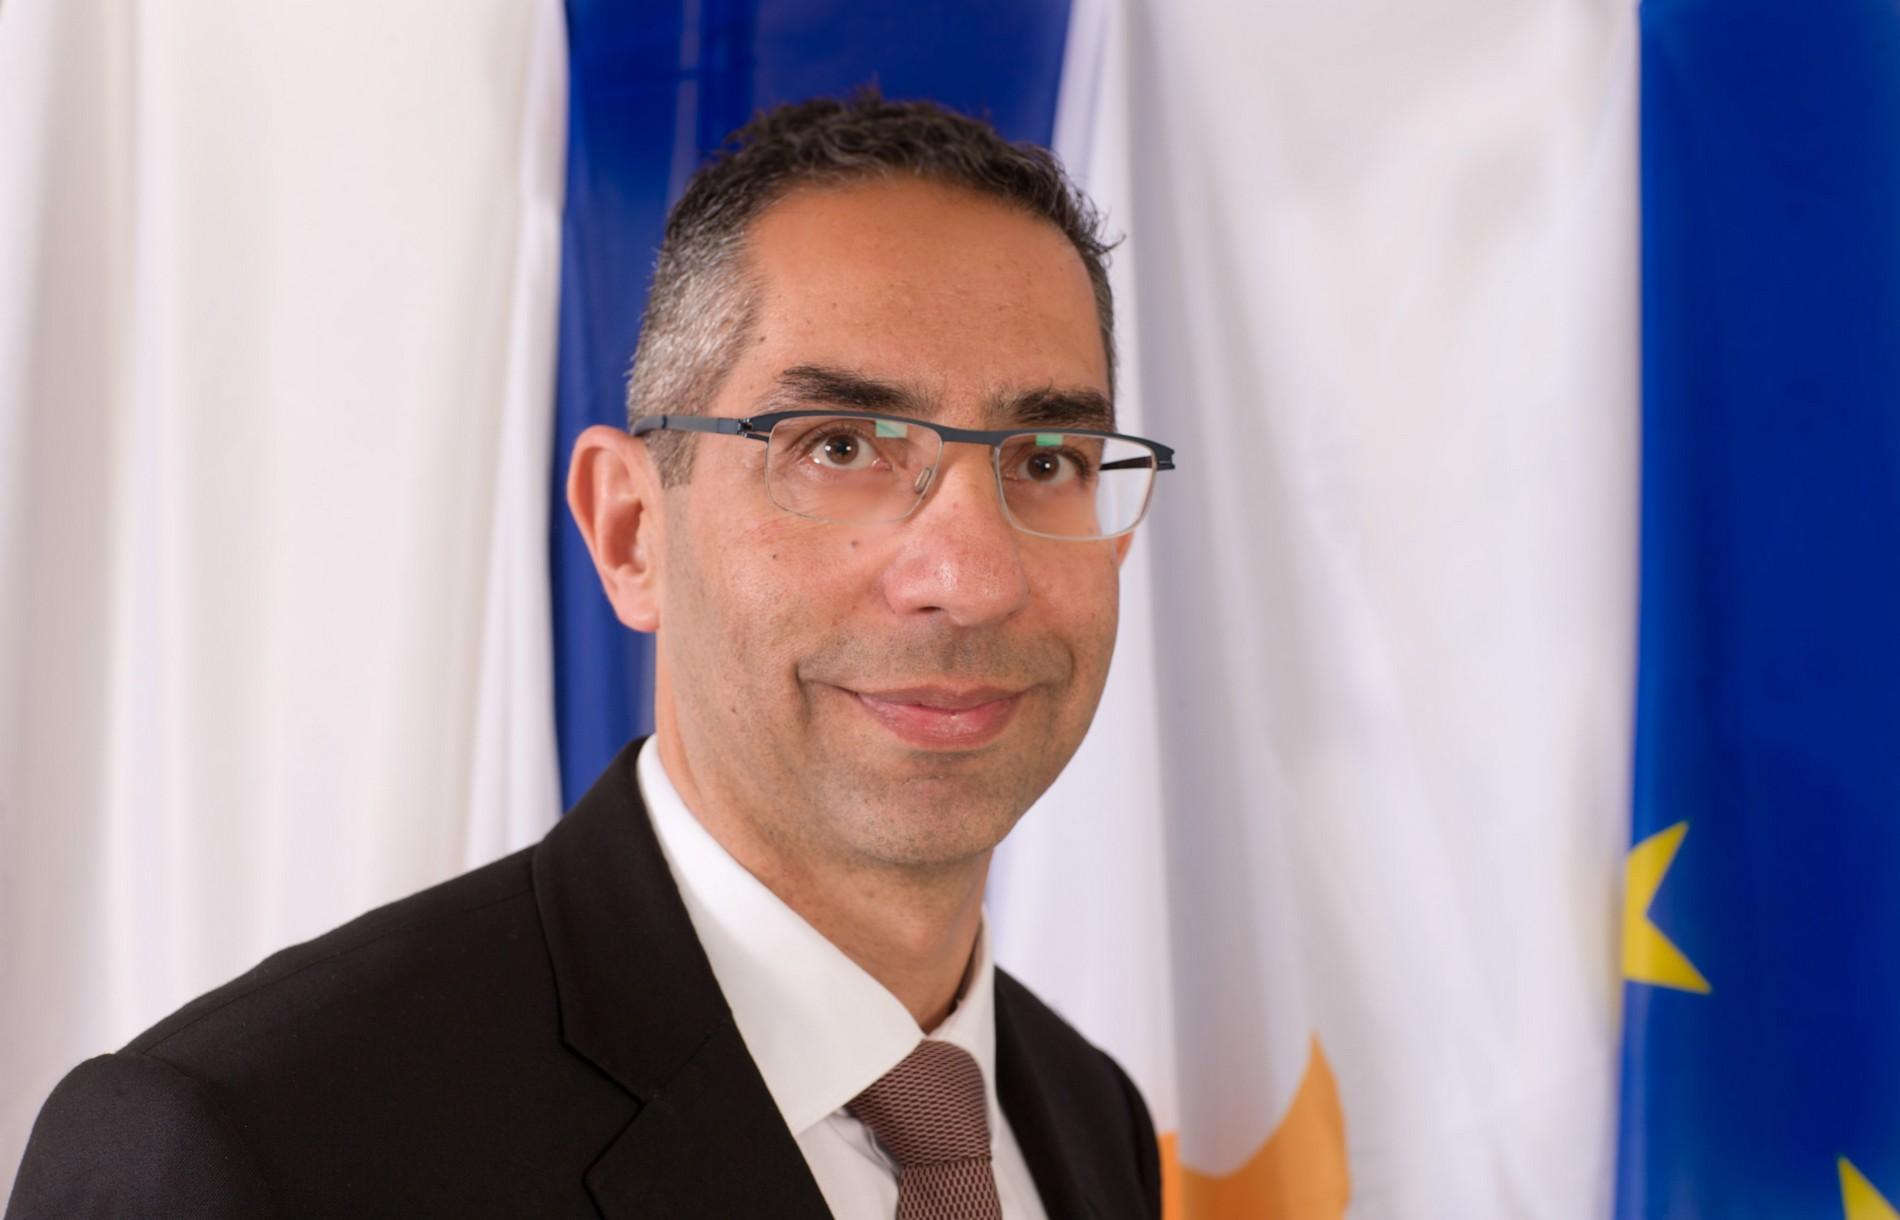 Για μεμονωμένο περιστατικό, κάνει λόγο ο Υπουργός Άμυνας της Κύπρου